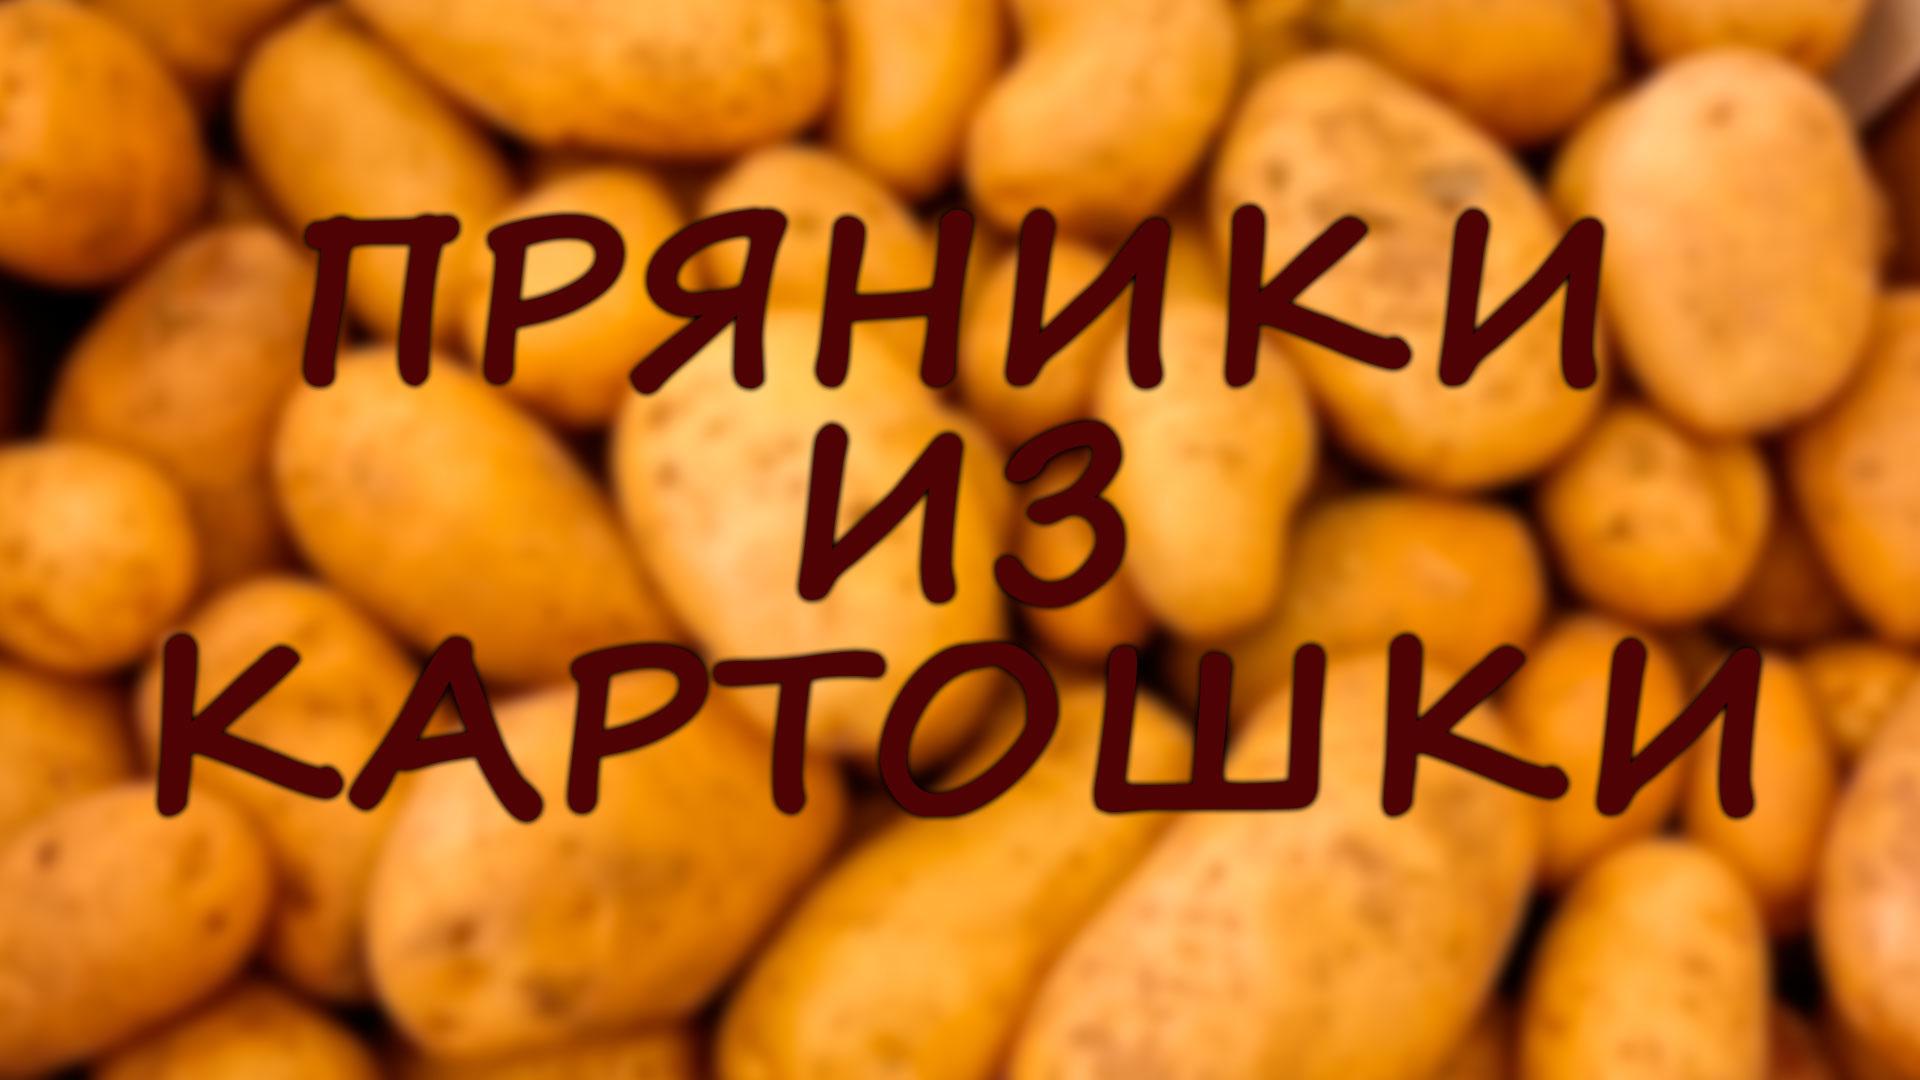 Пряники из картошки